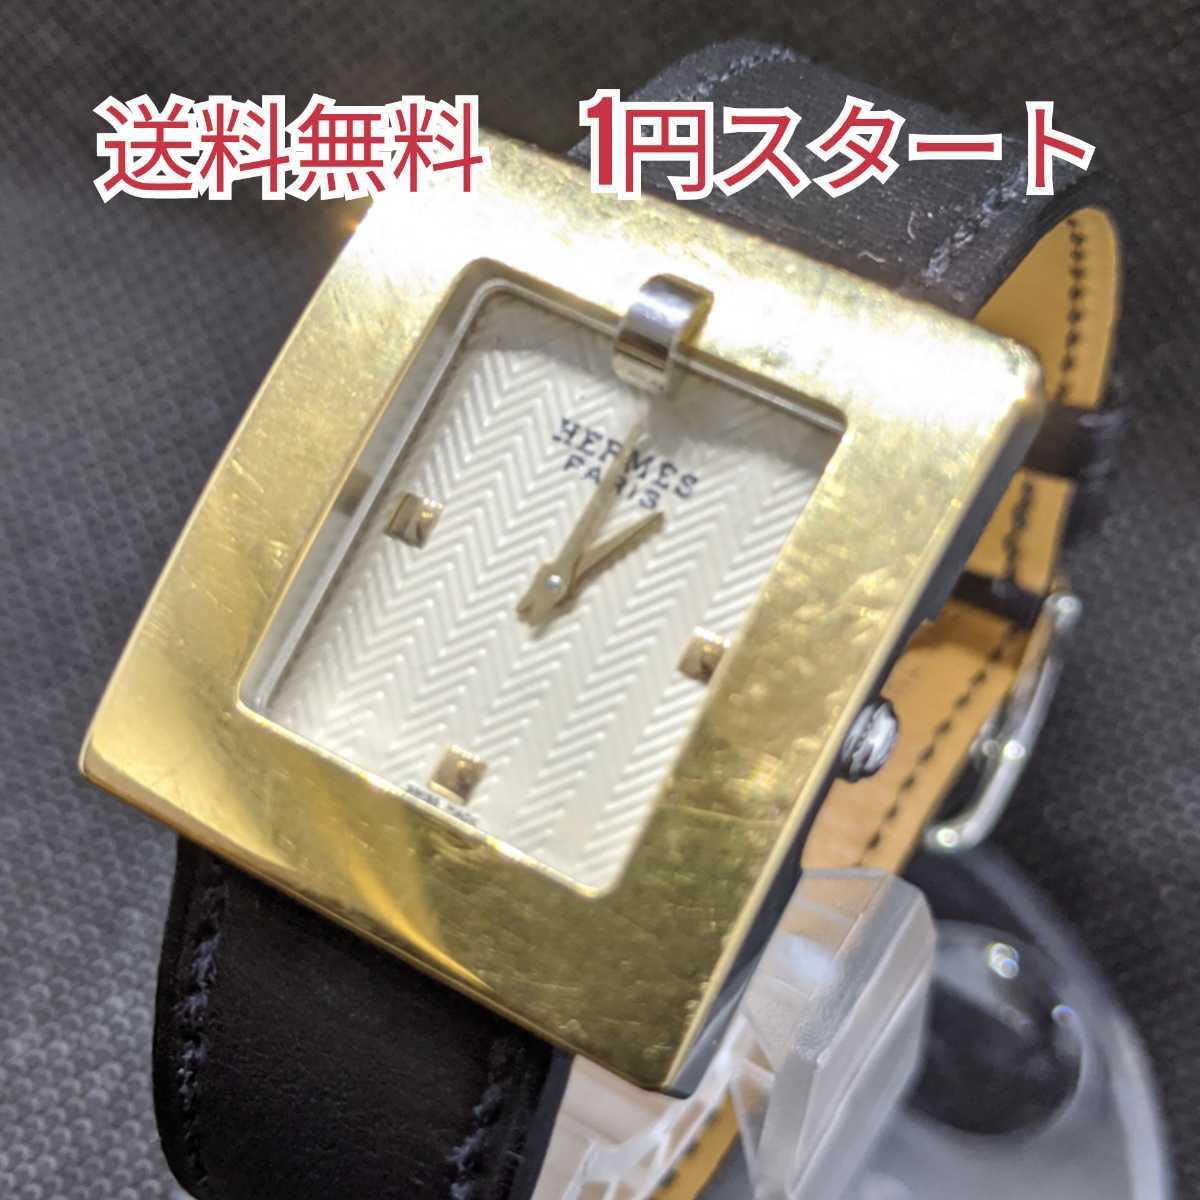 1円 スタート 送料無料 ジャンク HERMES エルメス レディース 腕時計 時計 BE1.220  検索用→ Hウォッチ クリッパー 部品